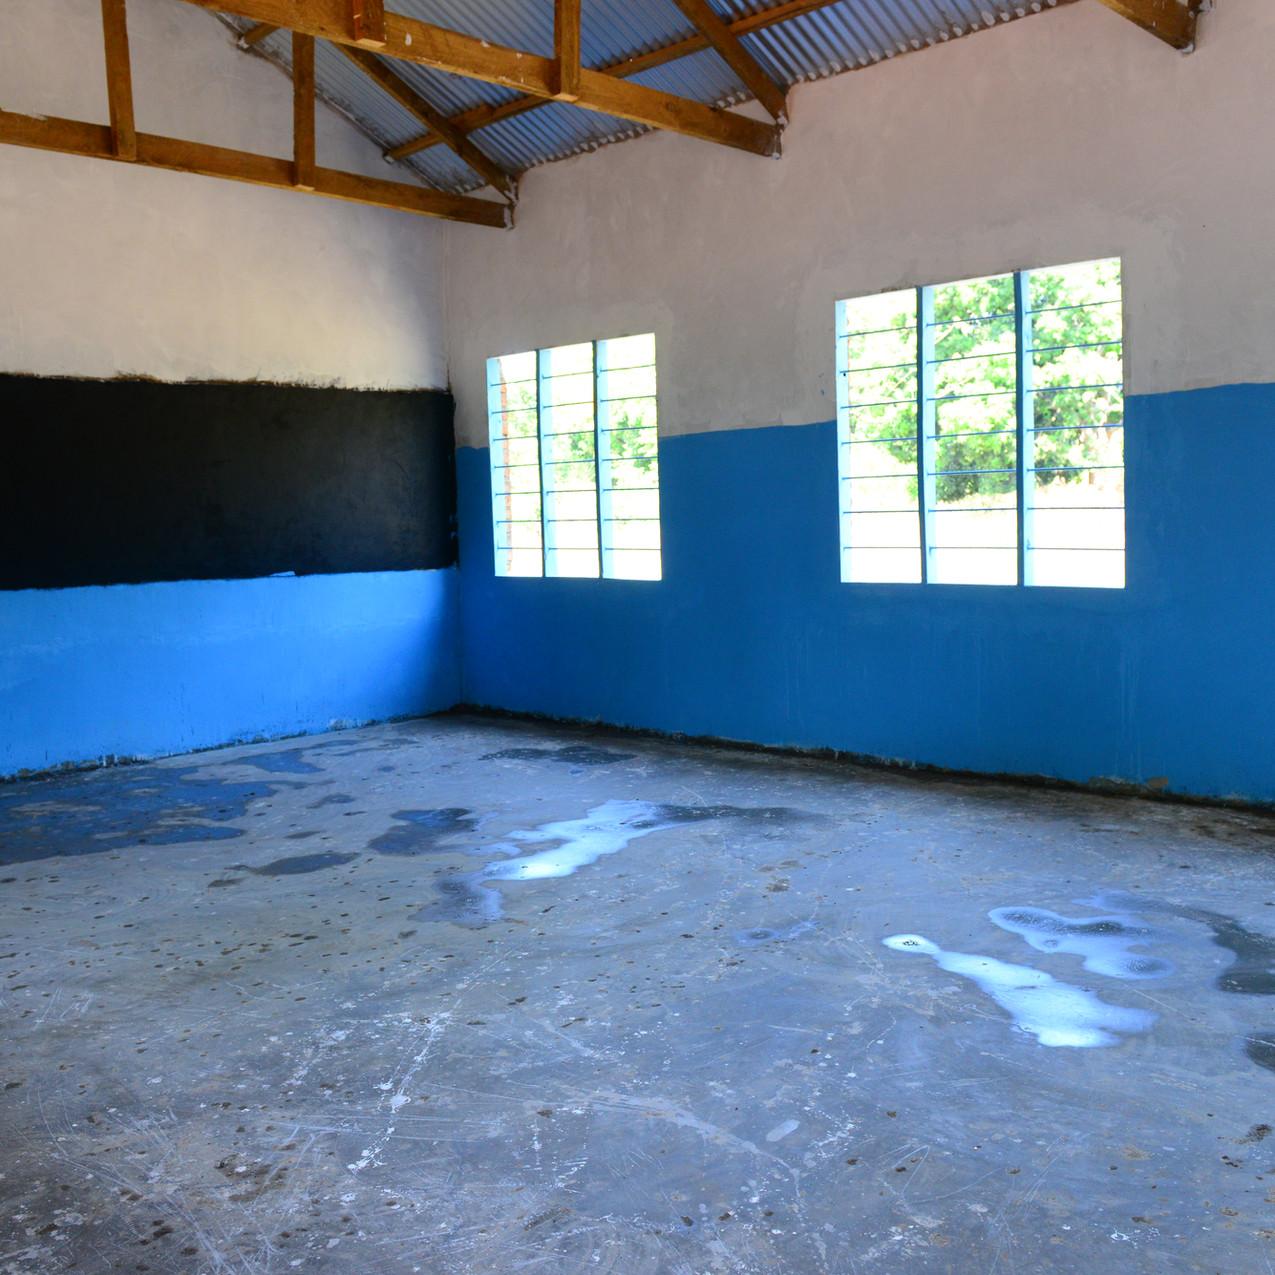 新設した教室